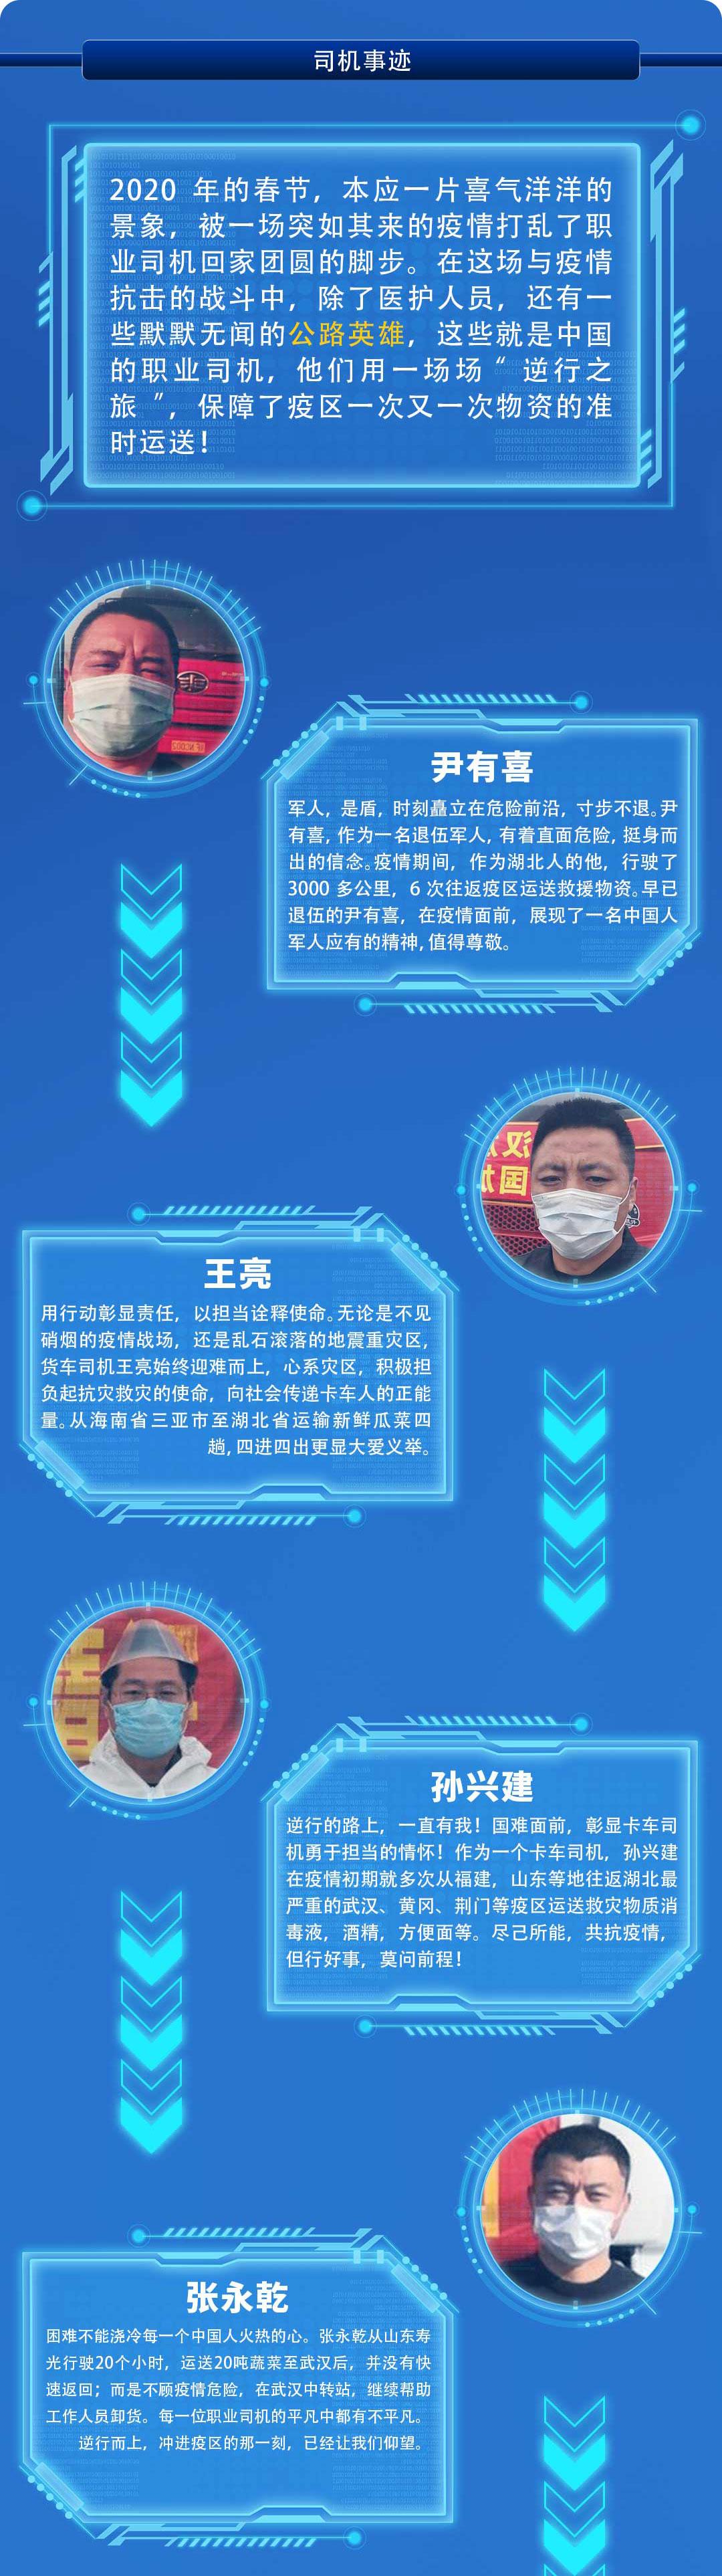 宣传长图_0115_01